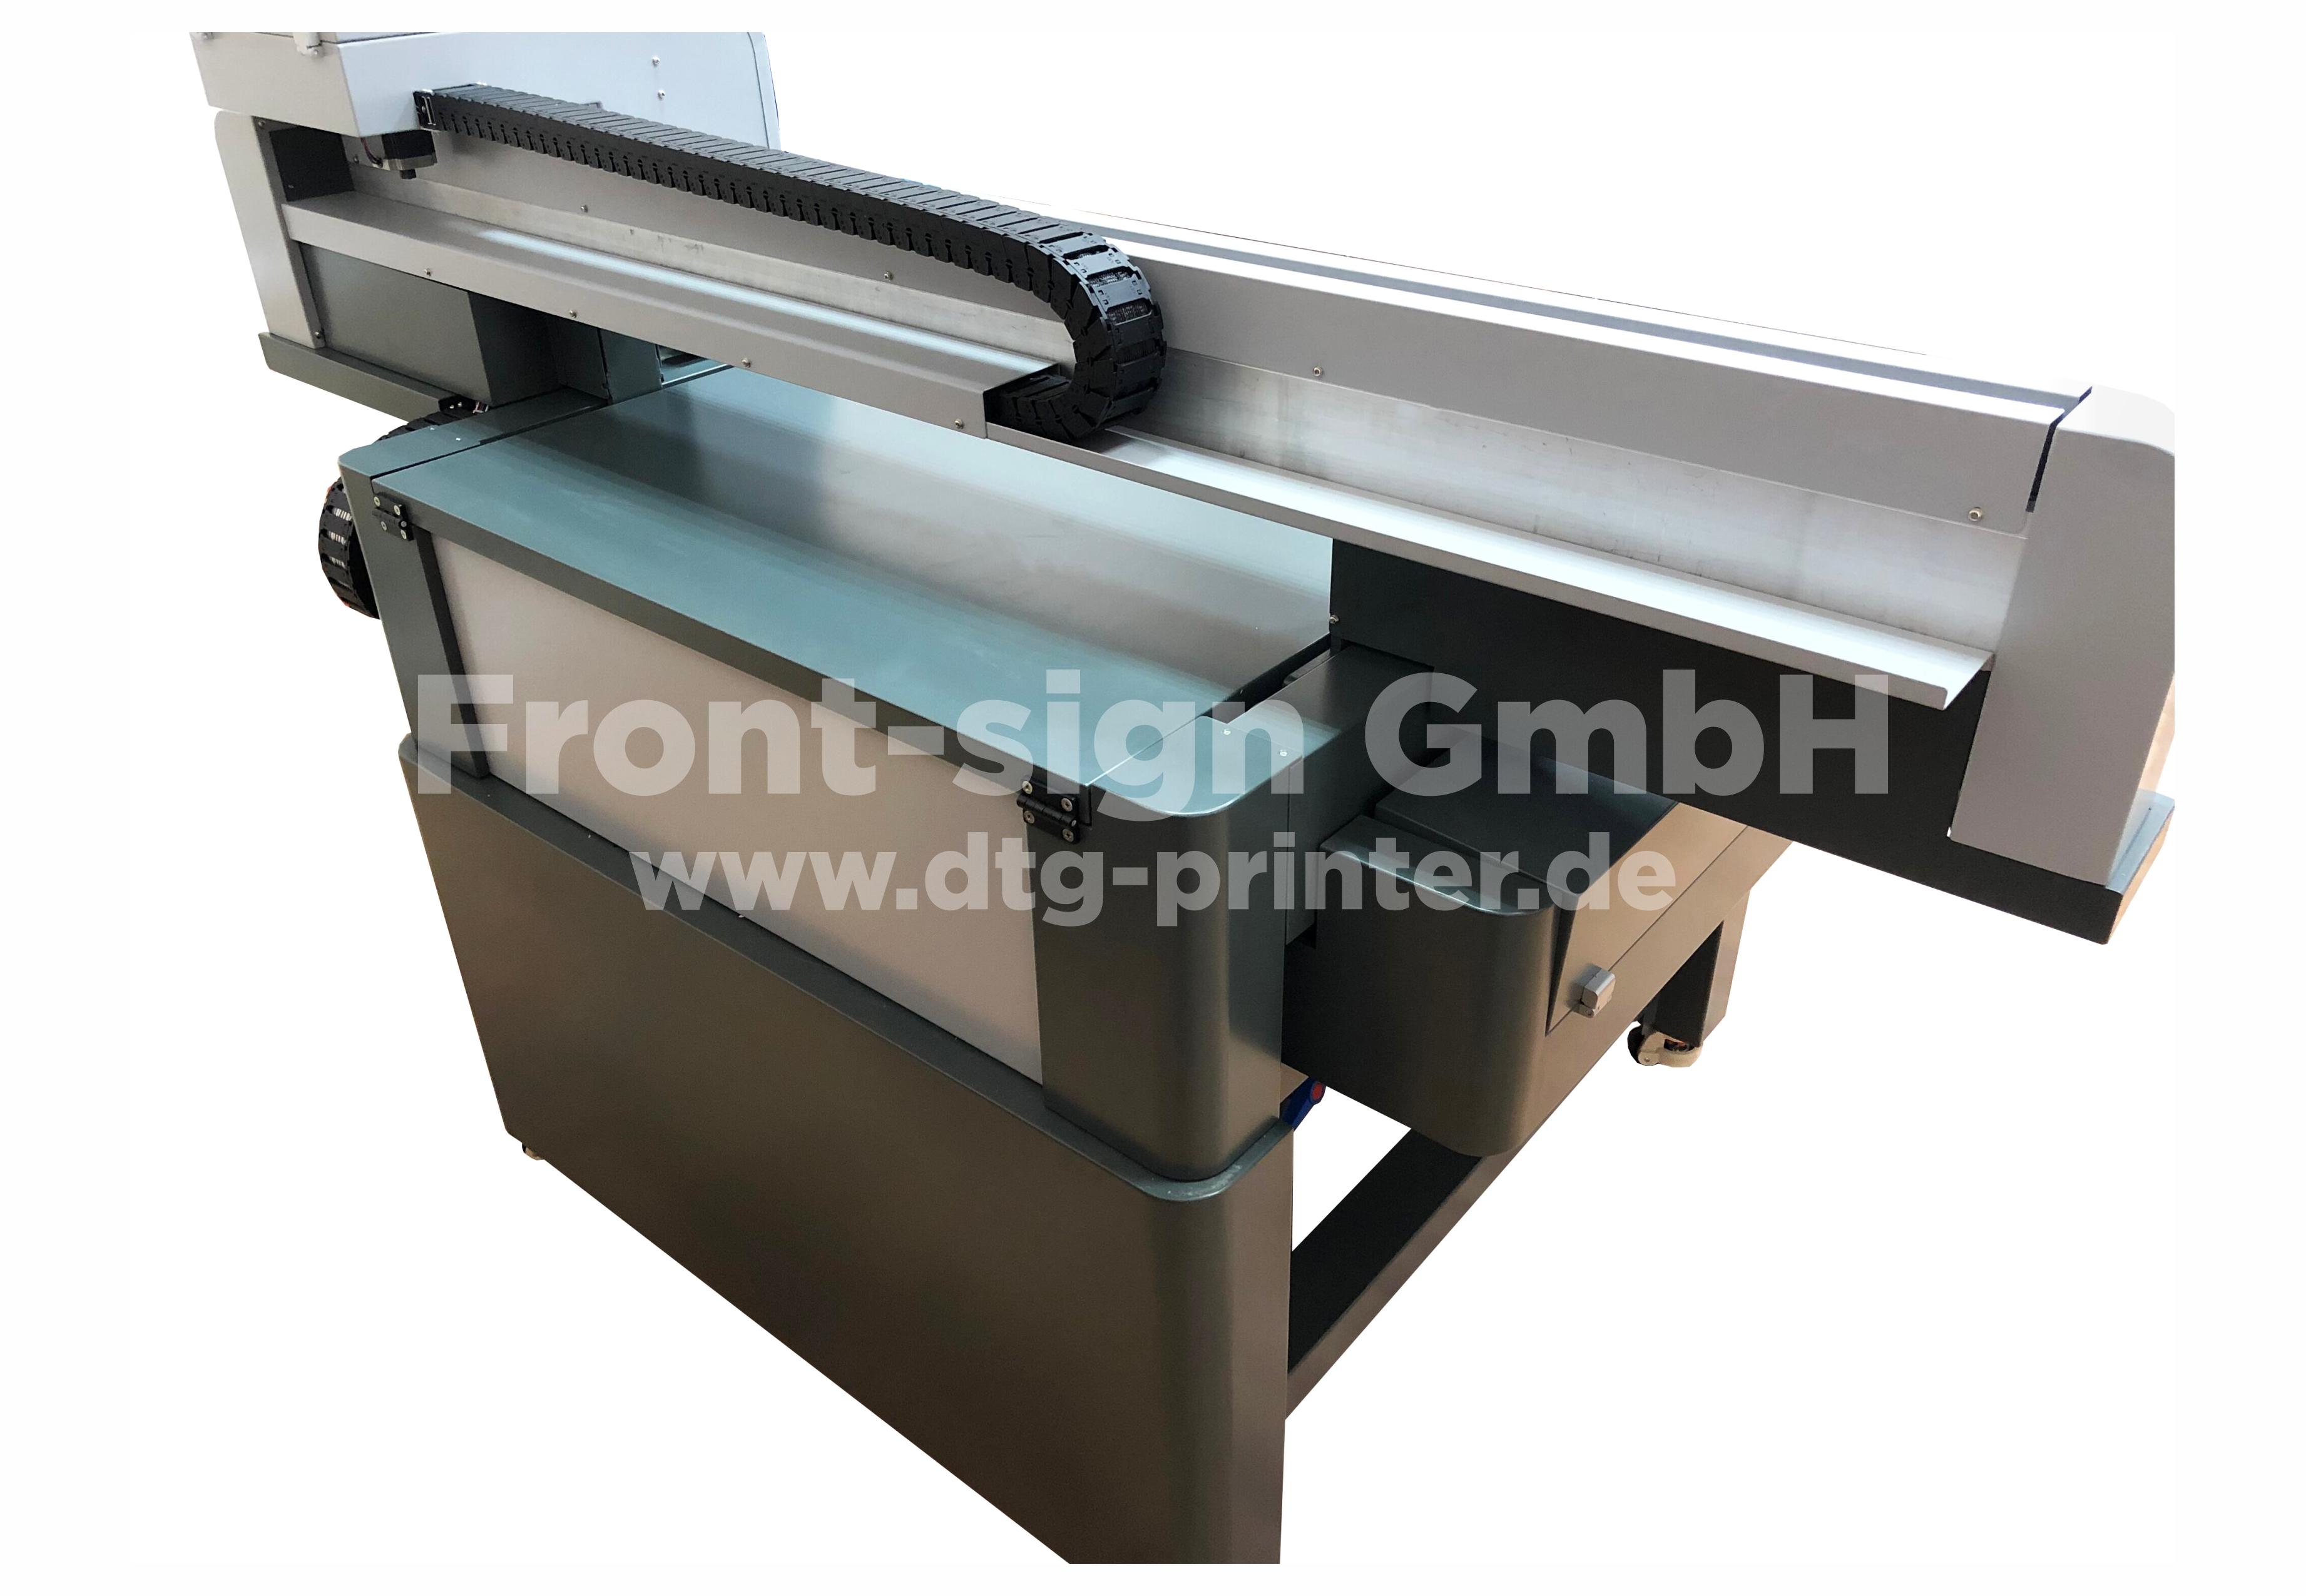 UV Drucker FS-9060-UV G5i Druckkopf Ricoh G5i TH5241